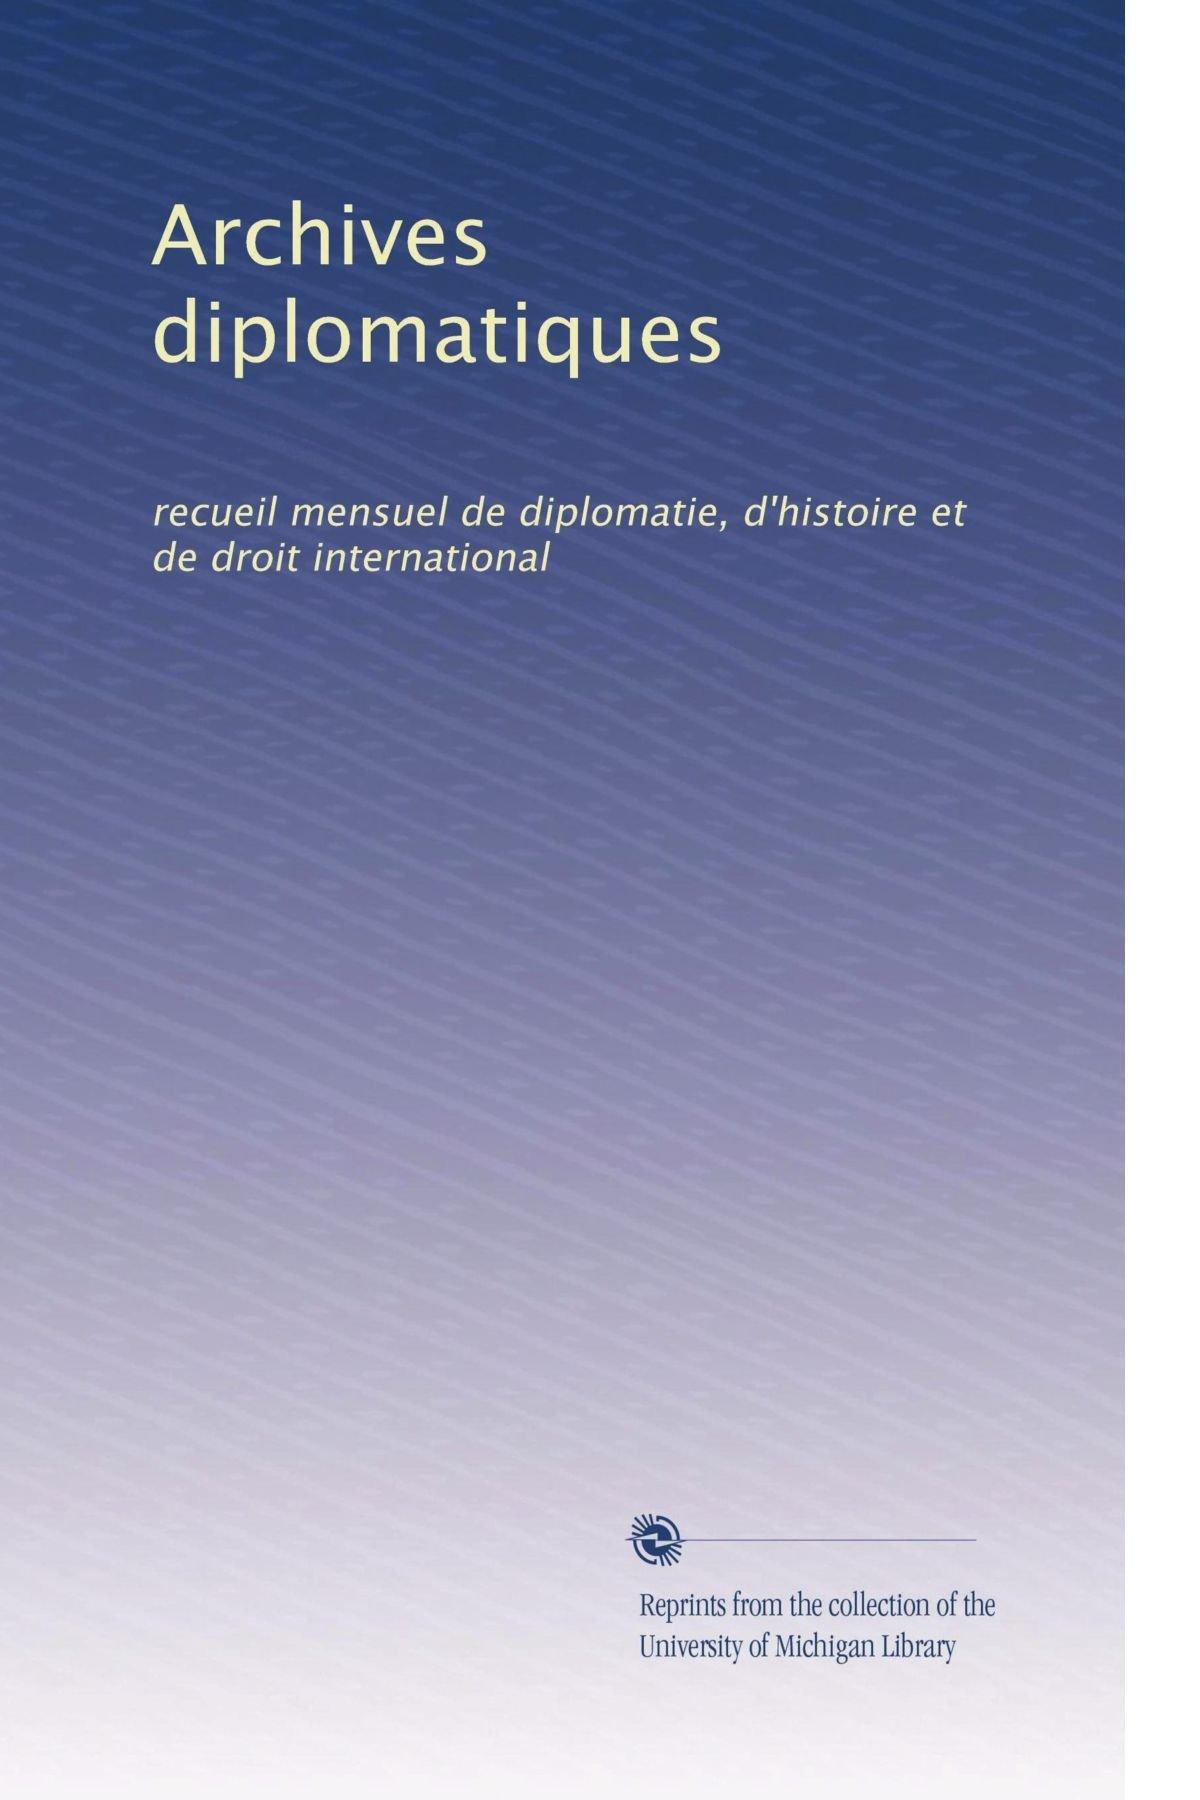 Download Archives diplomatiques: recueil mensuel de diplomatie, d'histoire et de droit international (Volume 41) (French Edition) pdf